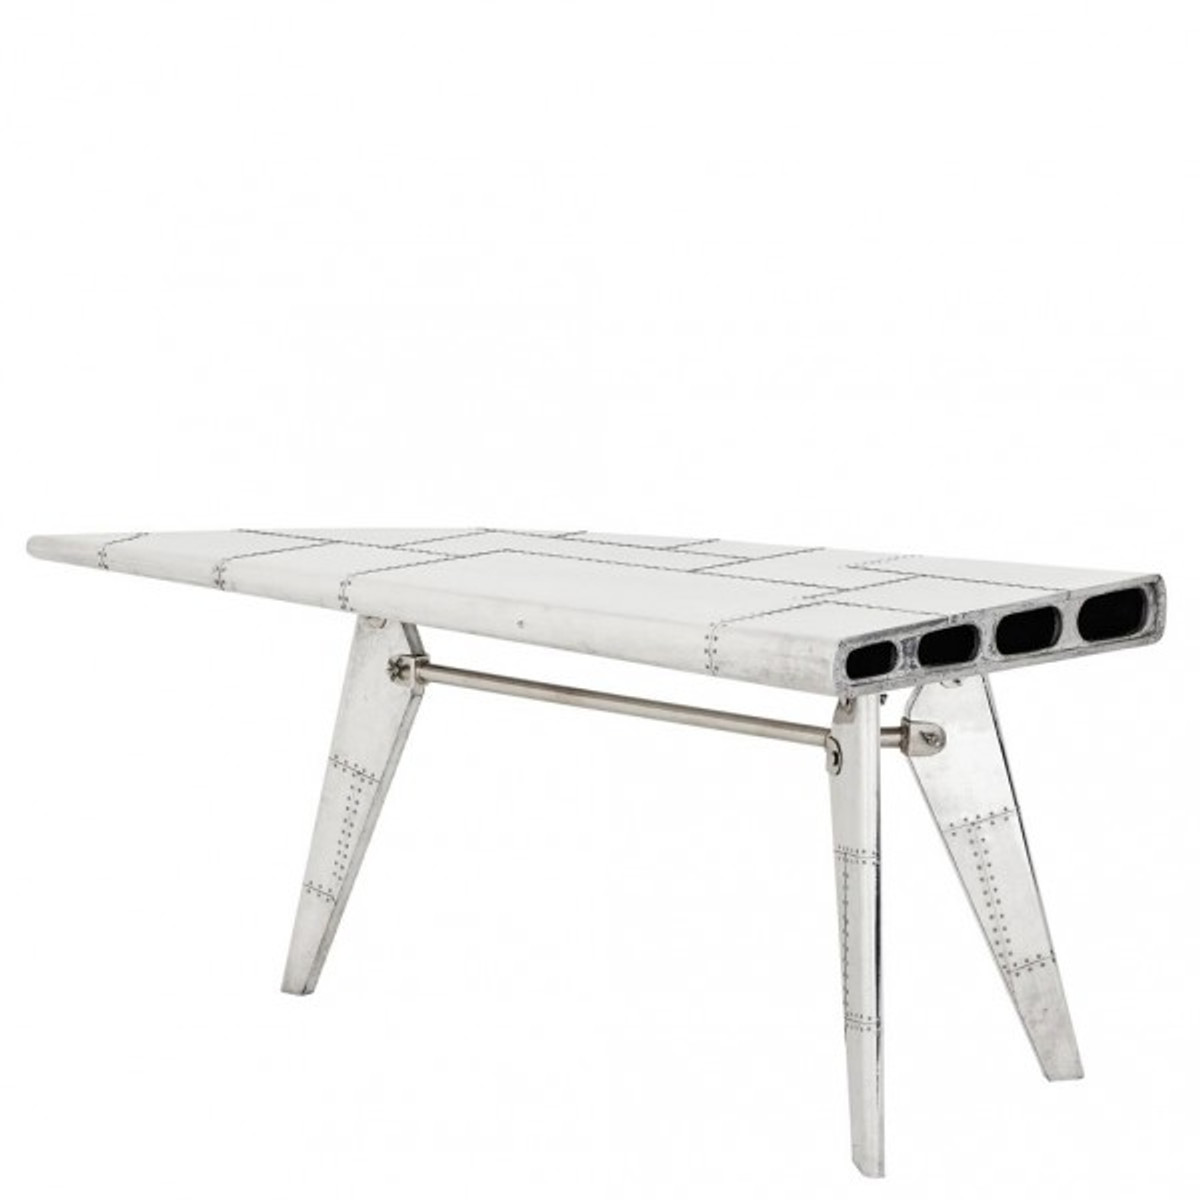 casa padrino luxus designer schreibtisch aircraft wing left aluminium flugzeug flgel art deco vintage - Schreibtisch Aus Flugzeugflgel